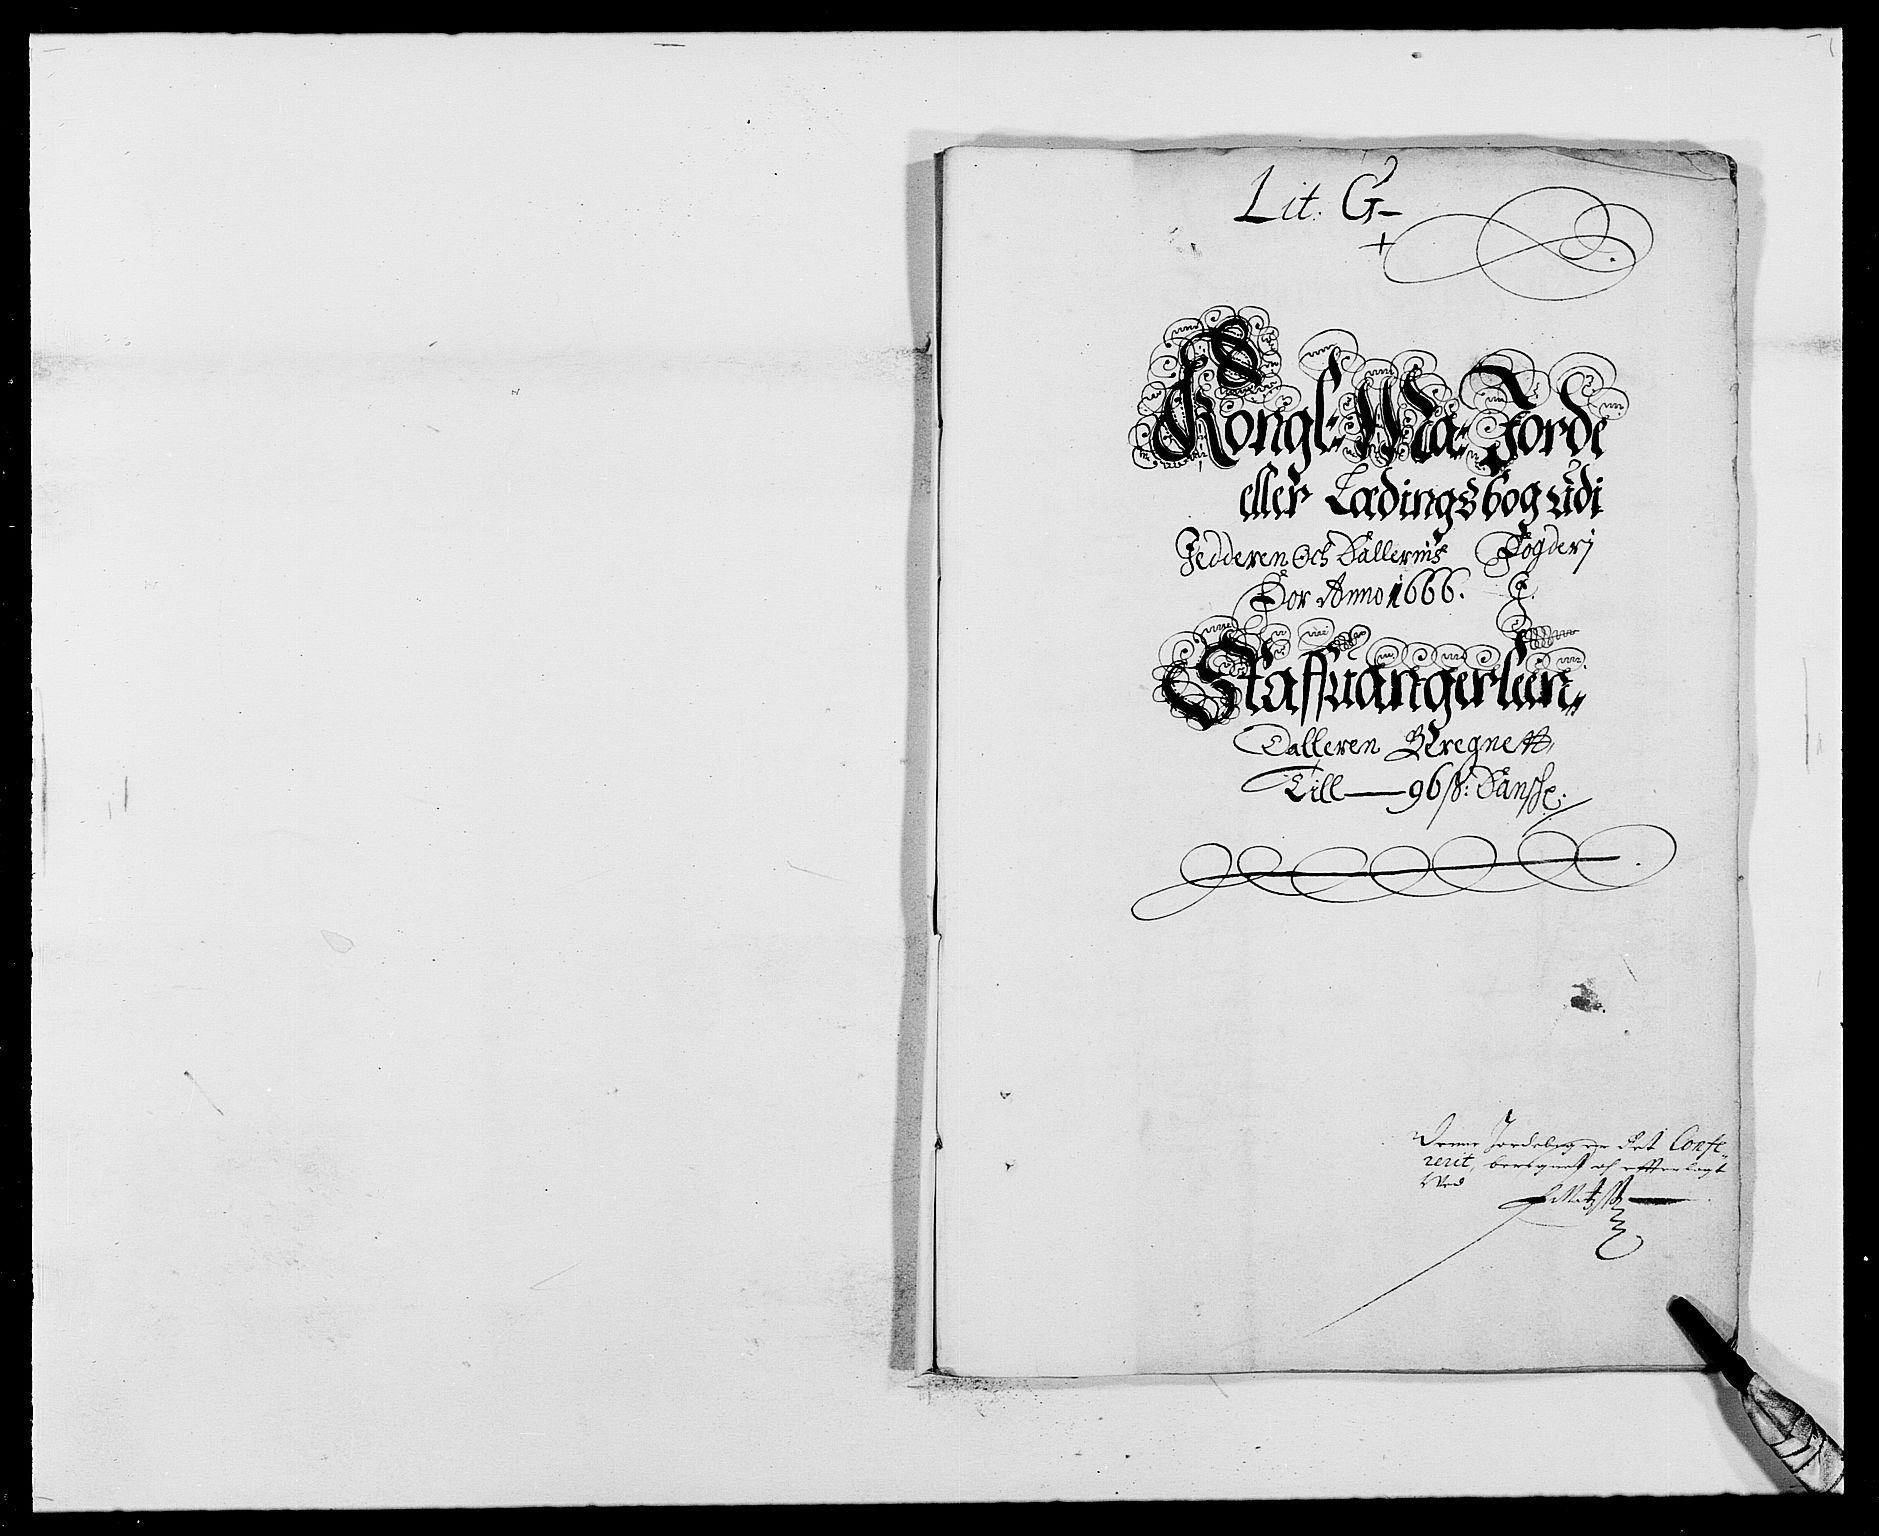 RA, Rentekammeret inntil 1814, Reviderte regnskaper, Fogderegnskap, R46/L2709: Fogderegnskap Jæren og Dalane, 1665-1667, s. 209